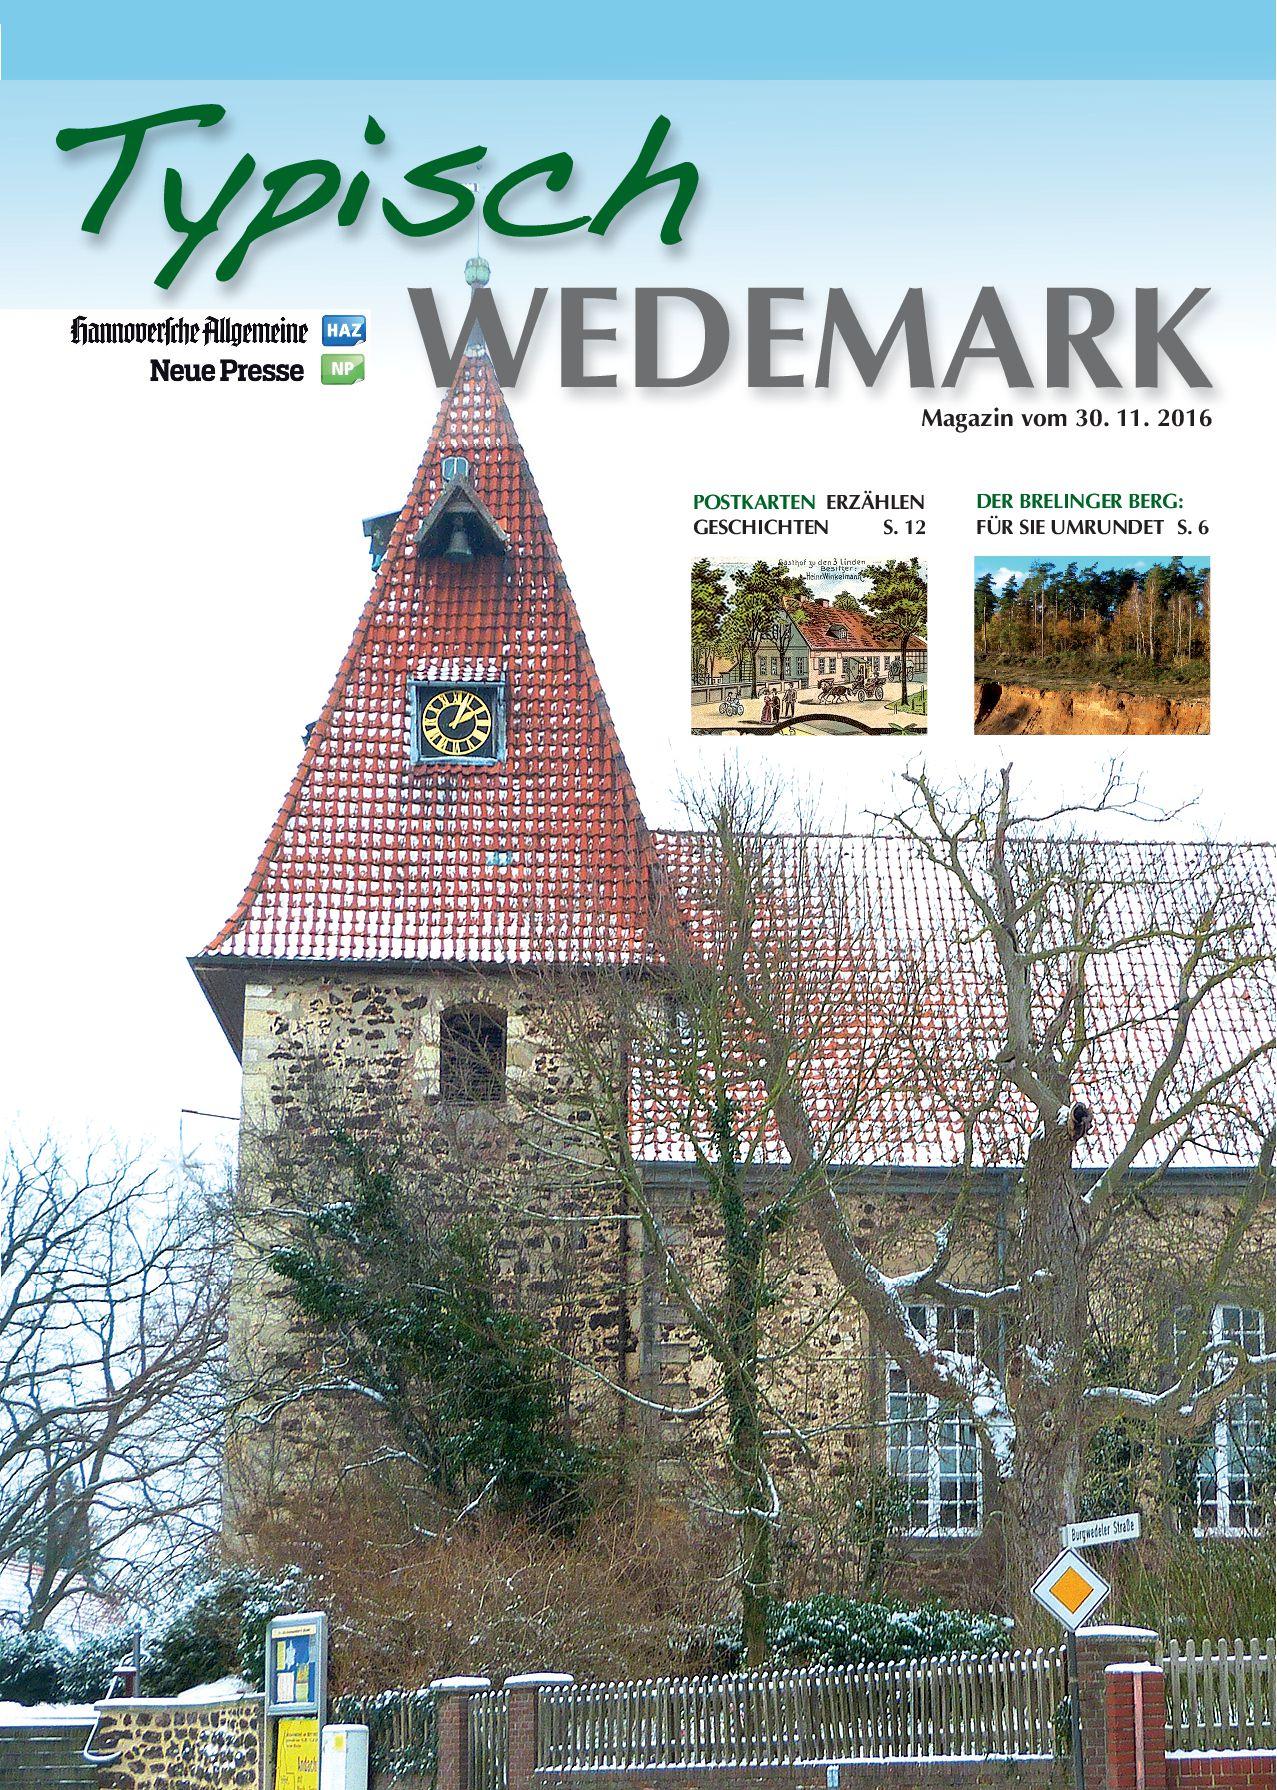 wedemark-nr-6-vom-30-11-2016